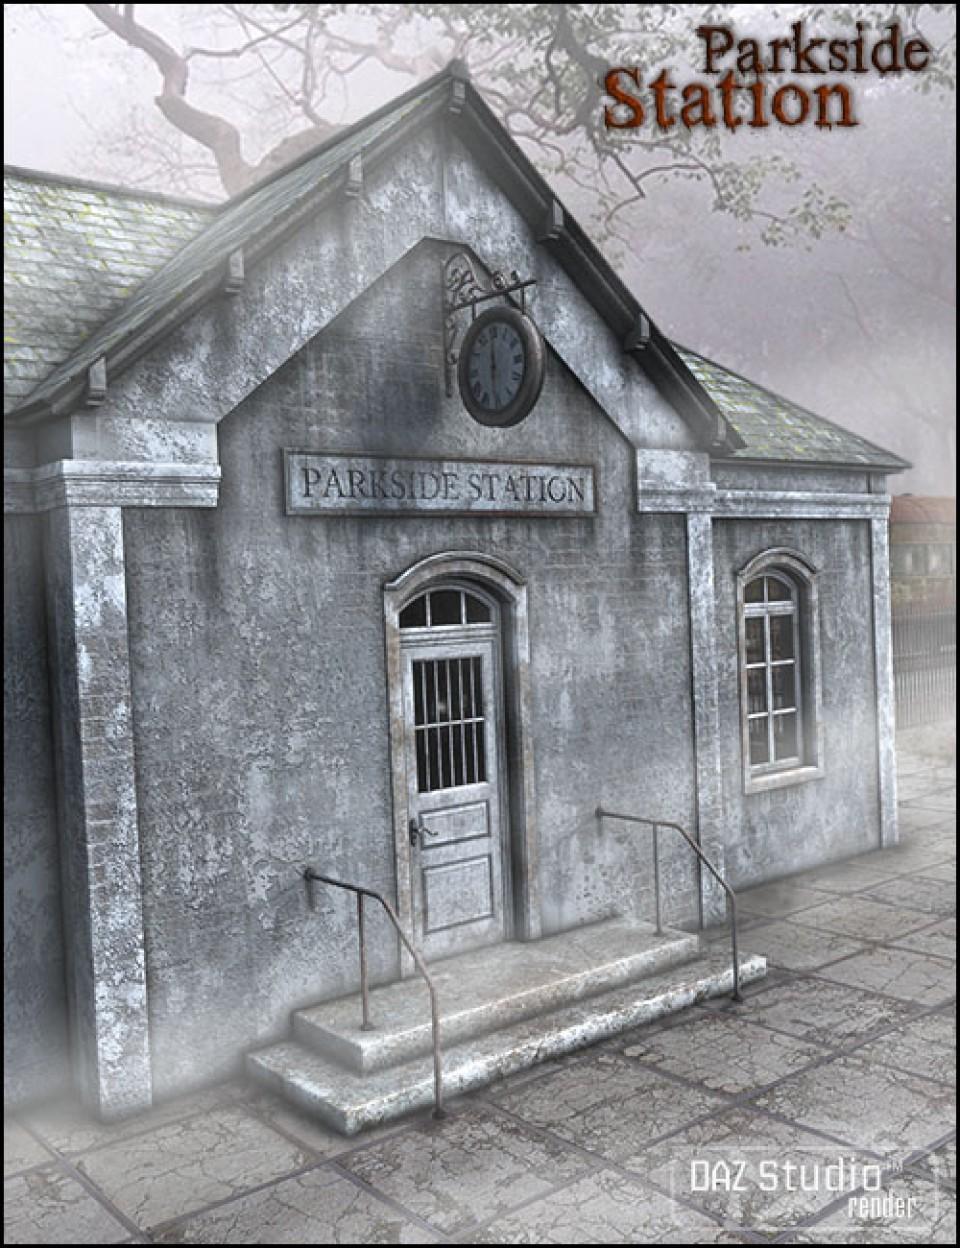 Parkside Station